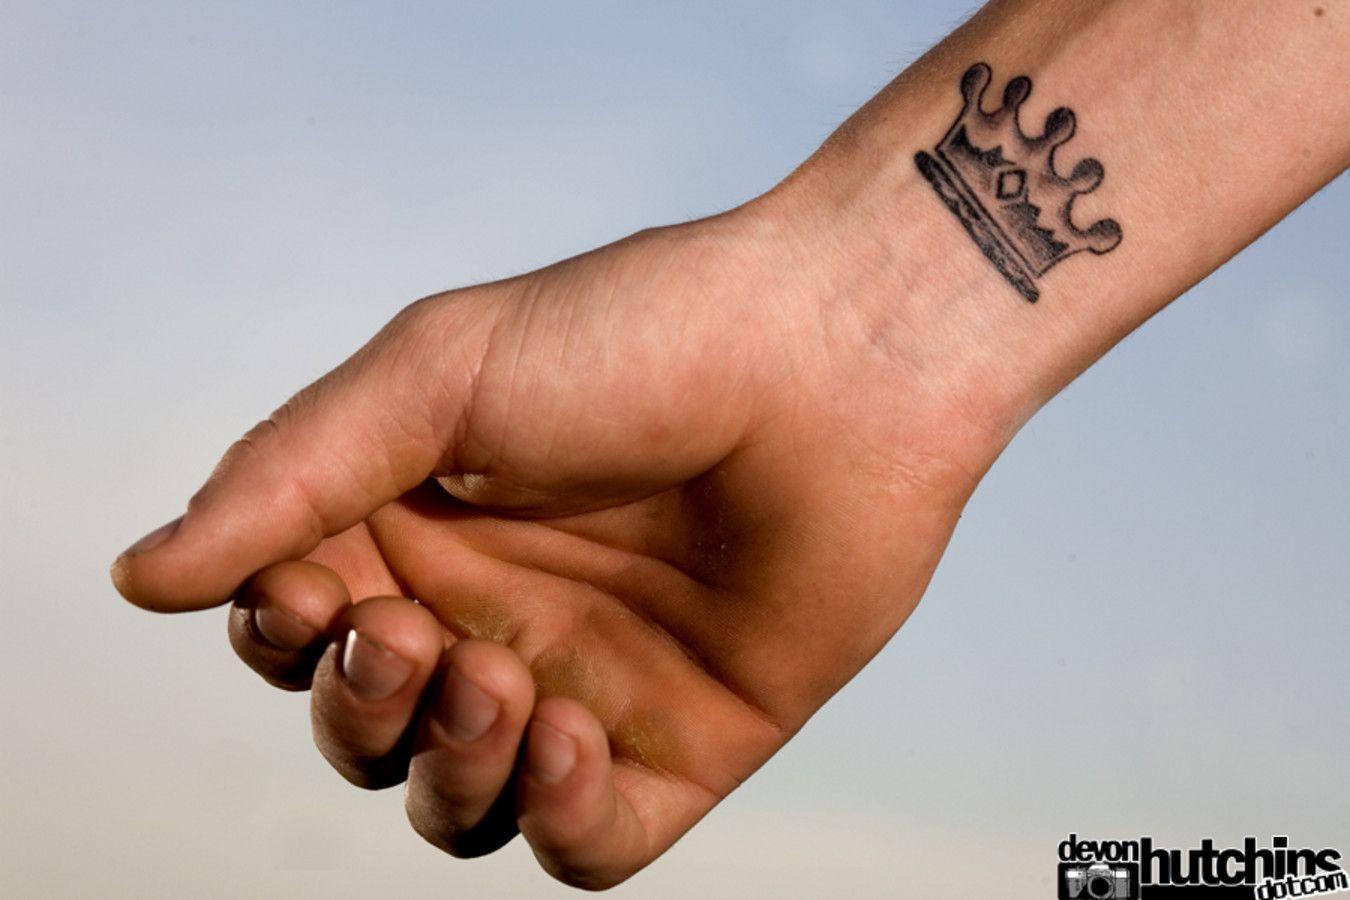 Small Tattoo  Tattoos  Pinterest  Small tattoo Tattoo and Body art